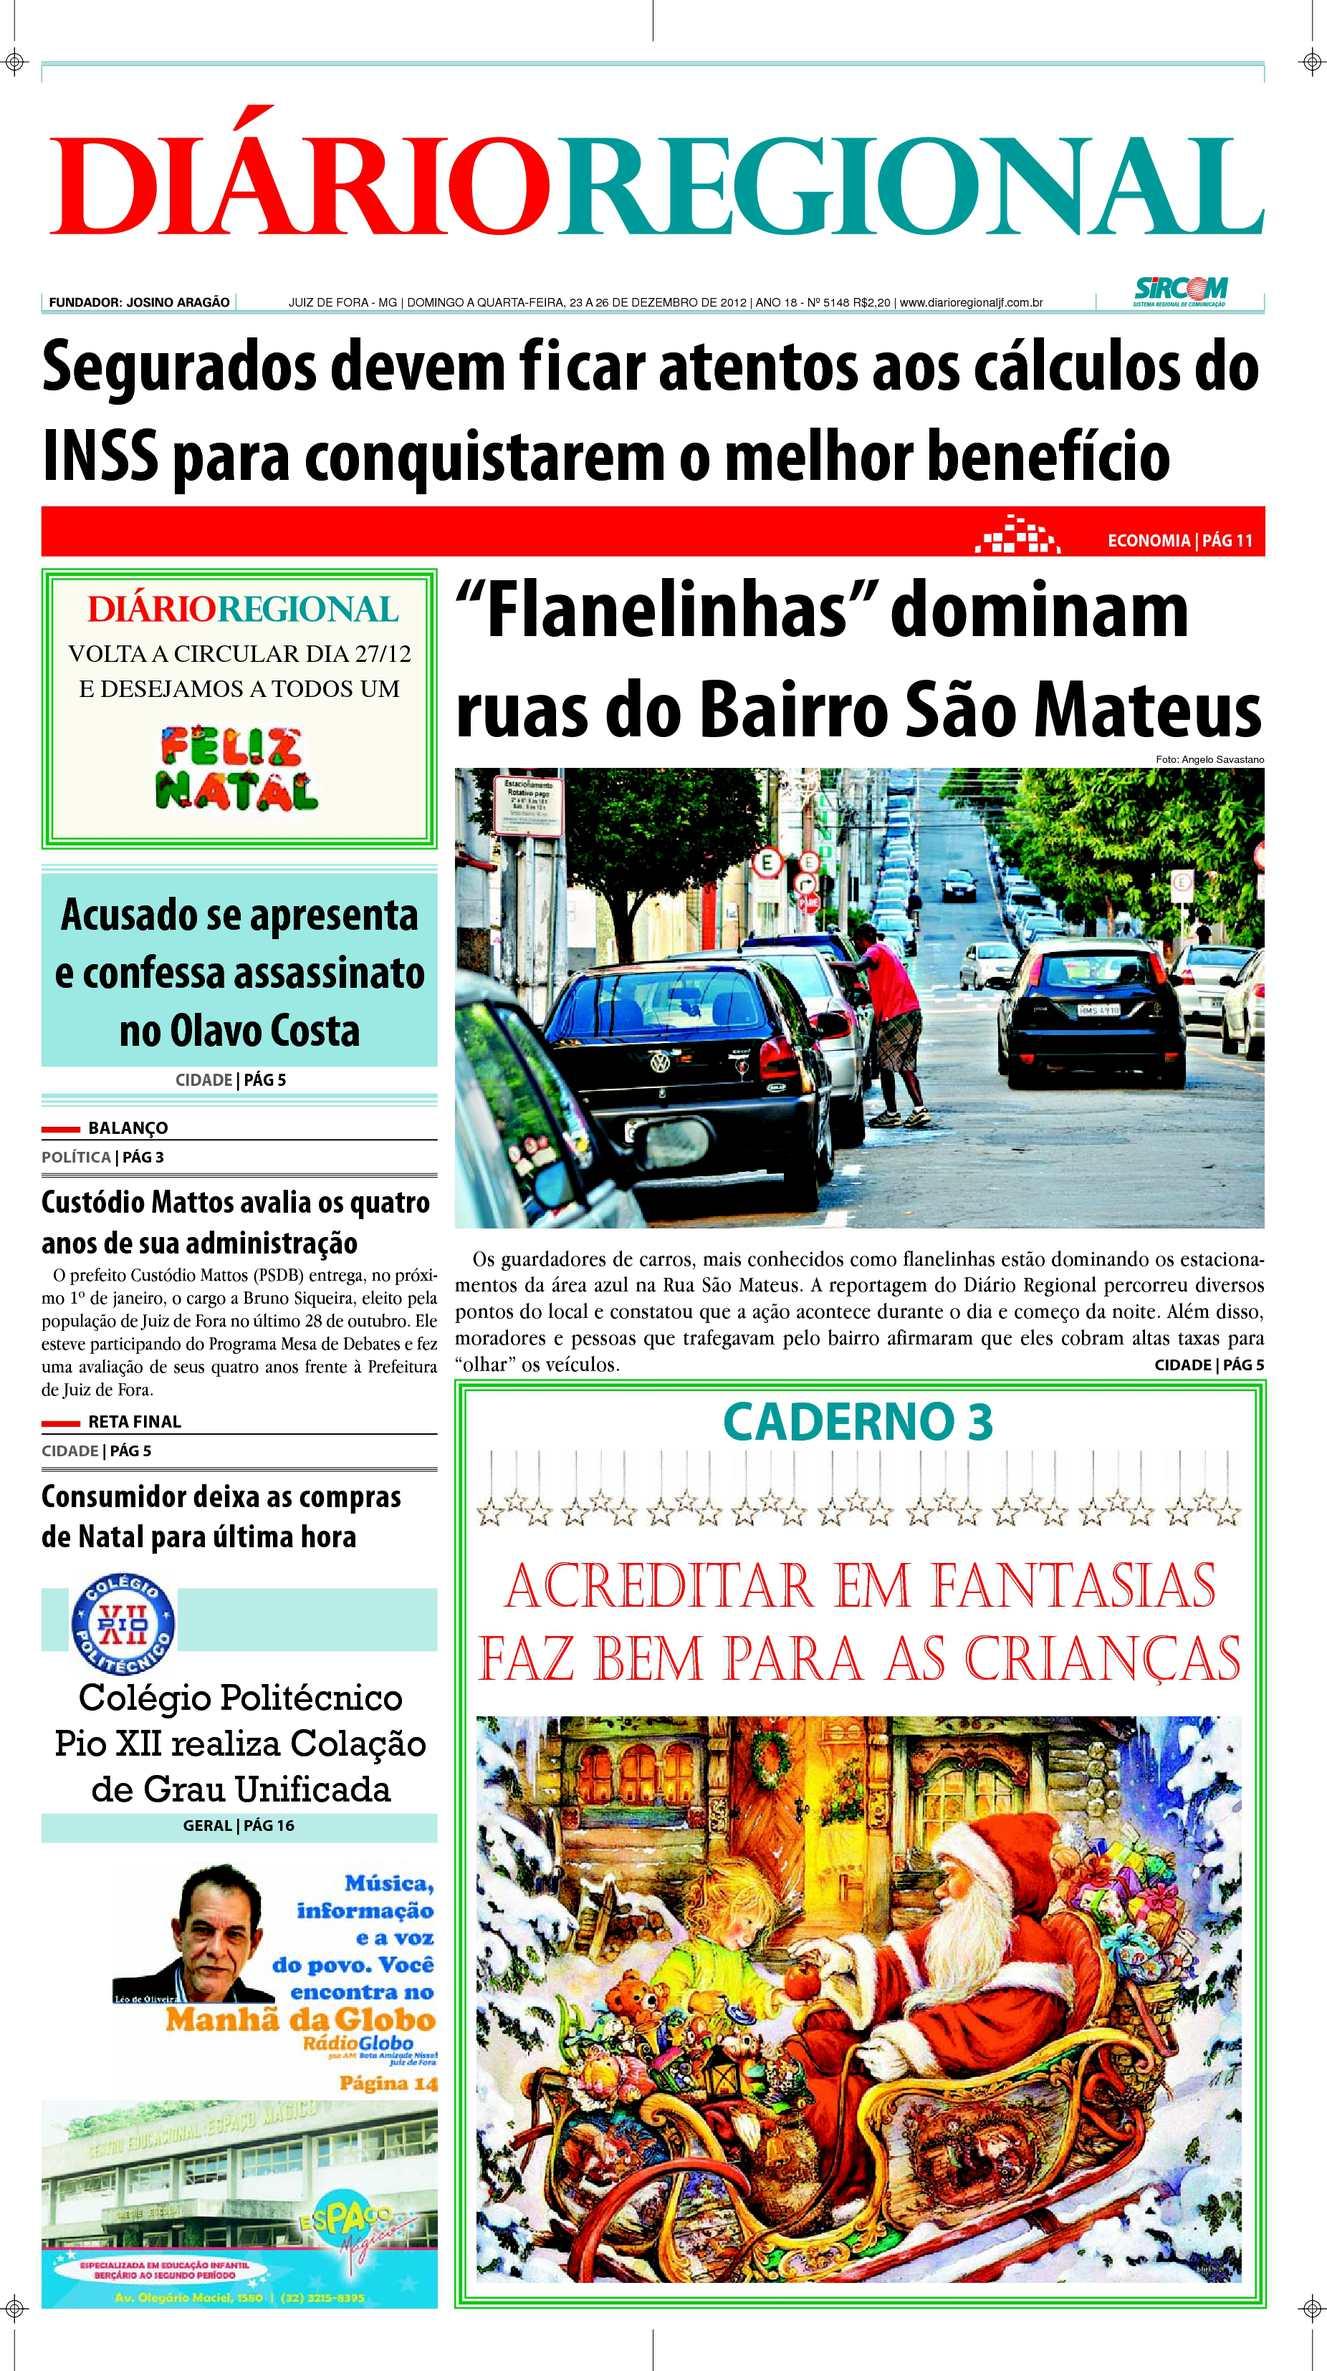 Calaméo - Edição 23 a 26 12 2012 726bf35b75